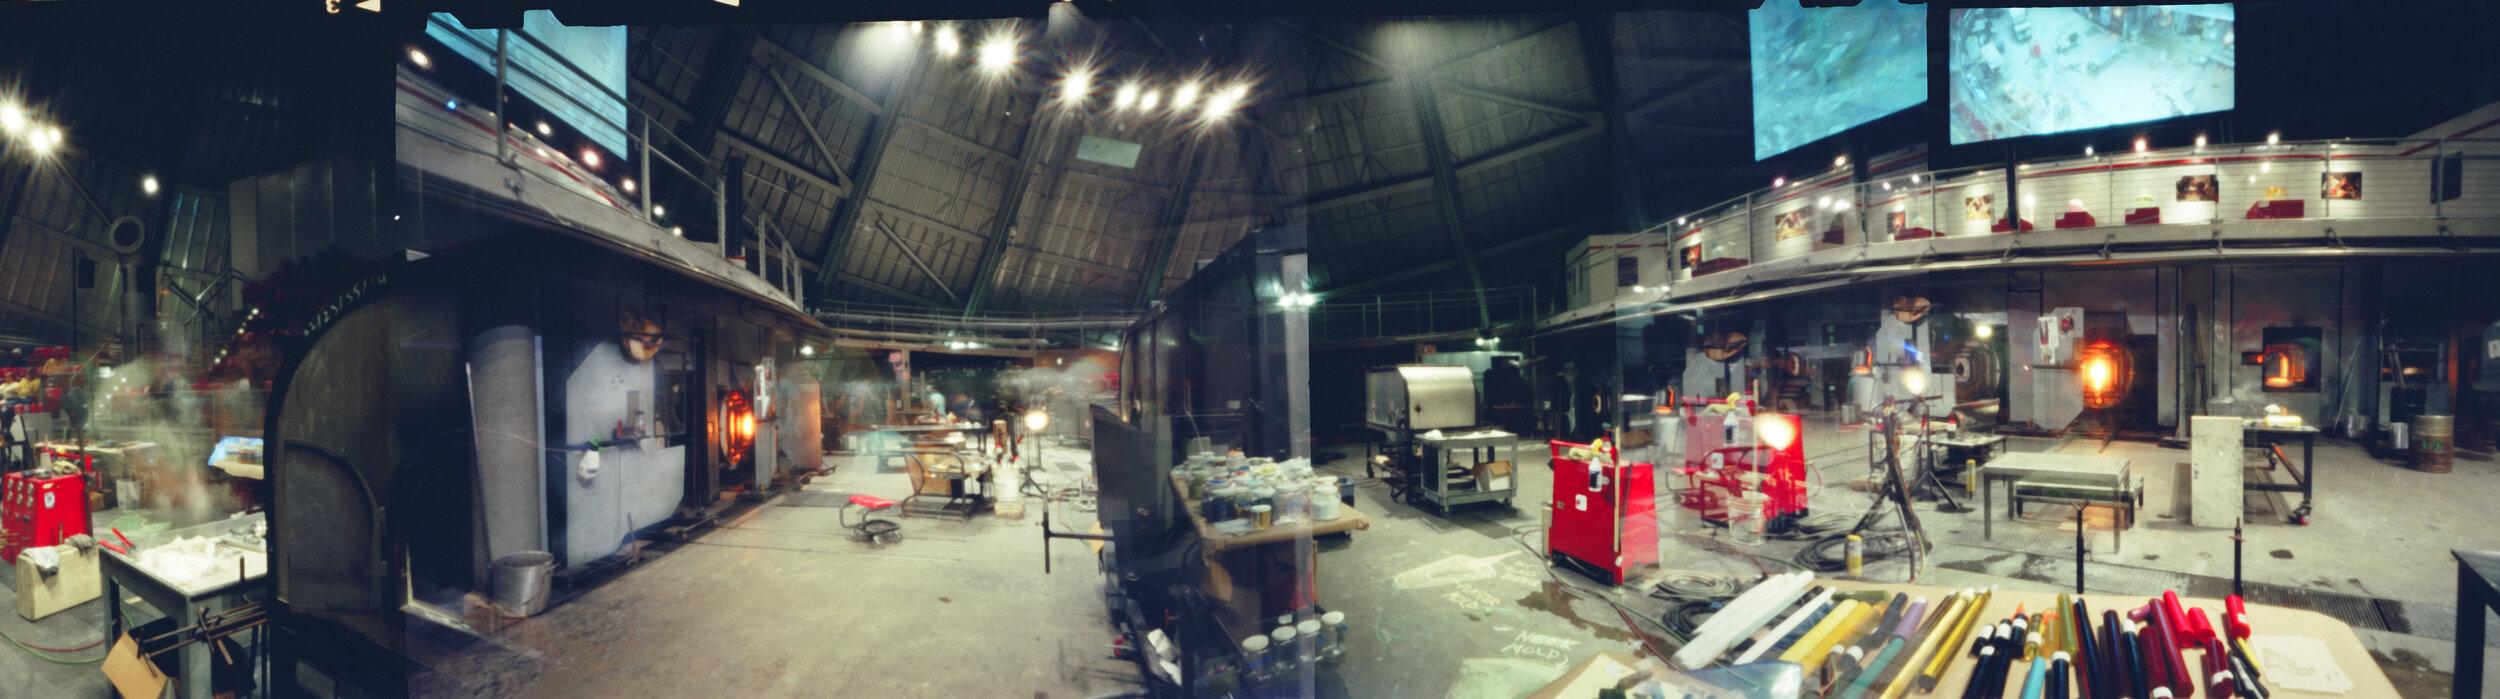 Museum of Glass, Tacoma , WA